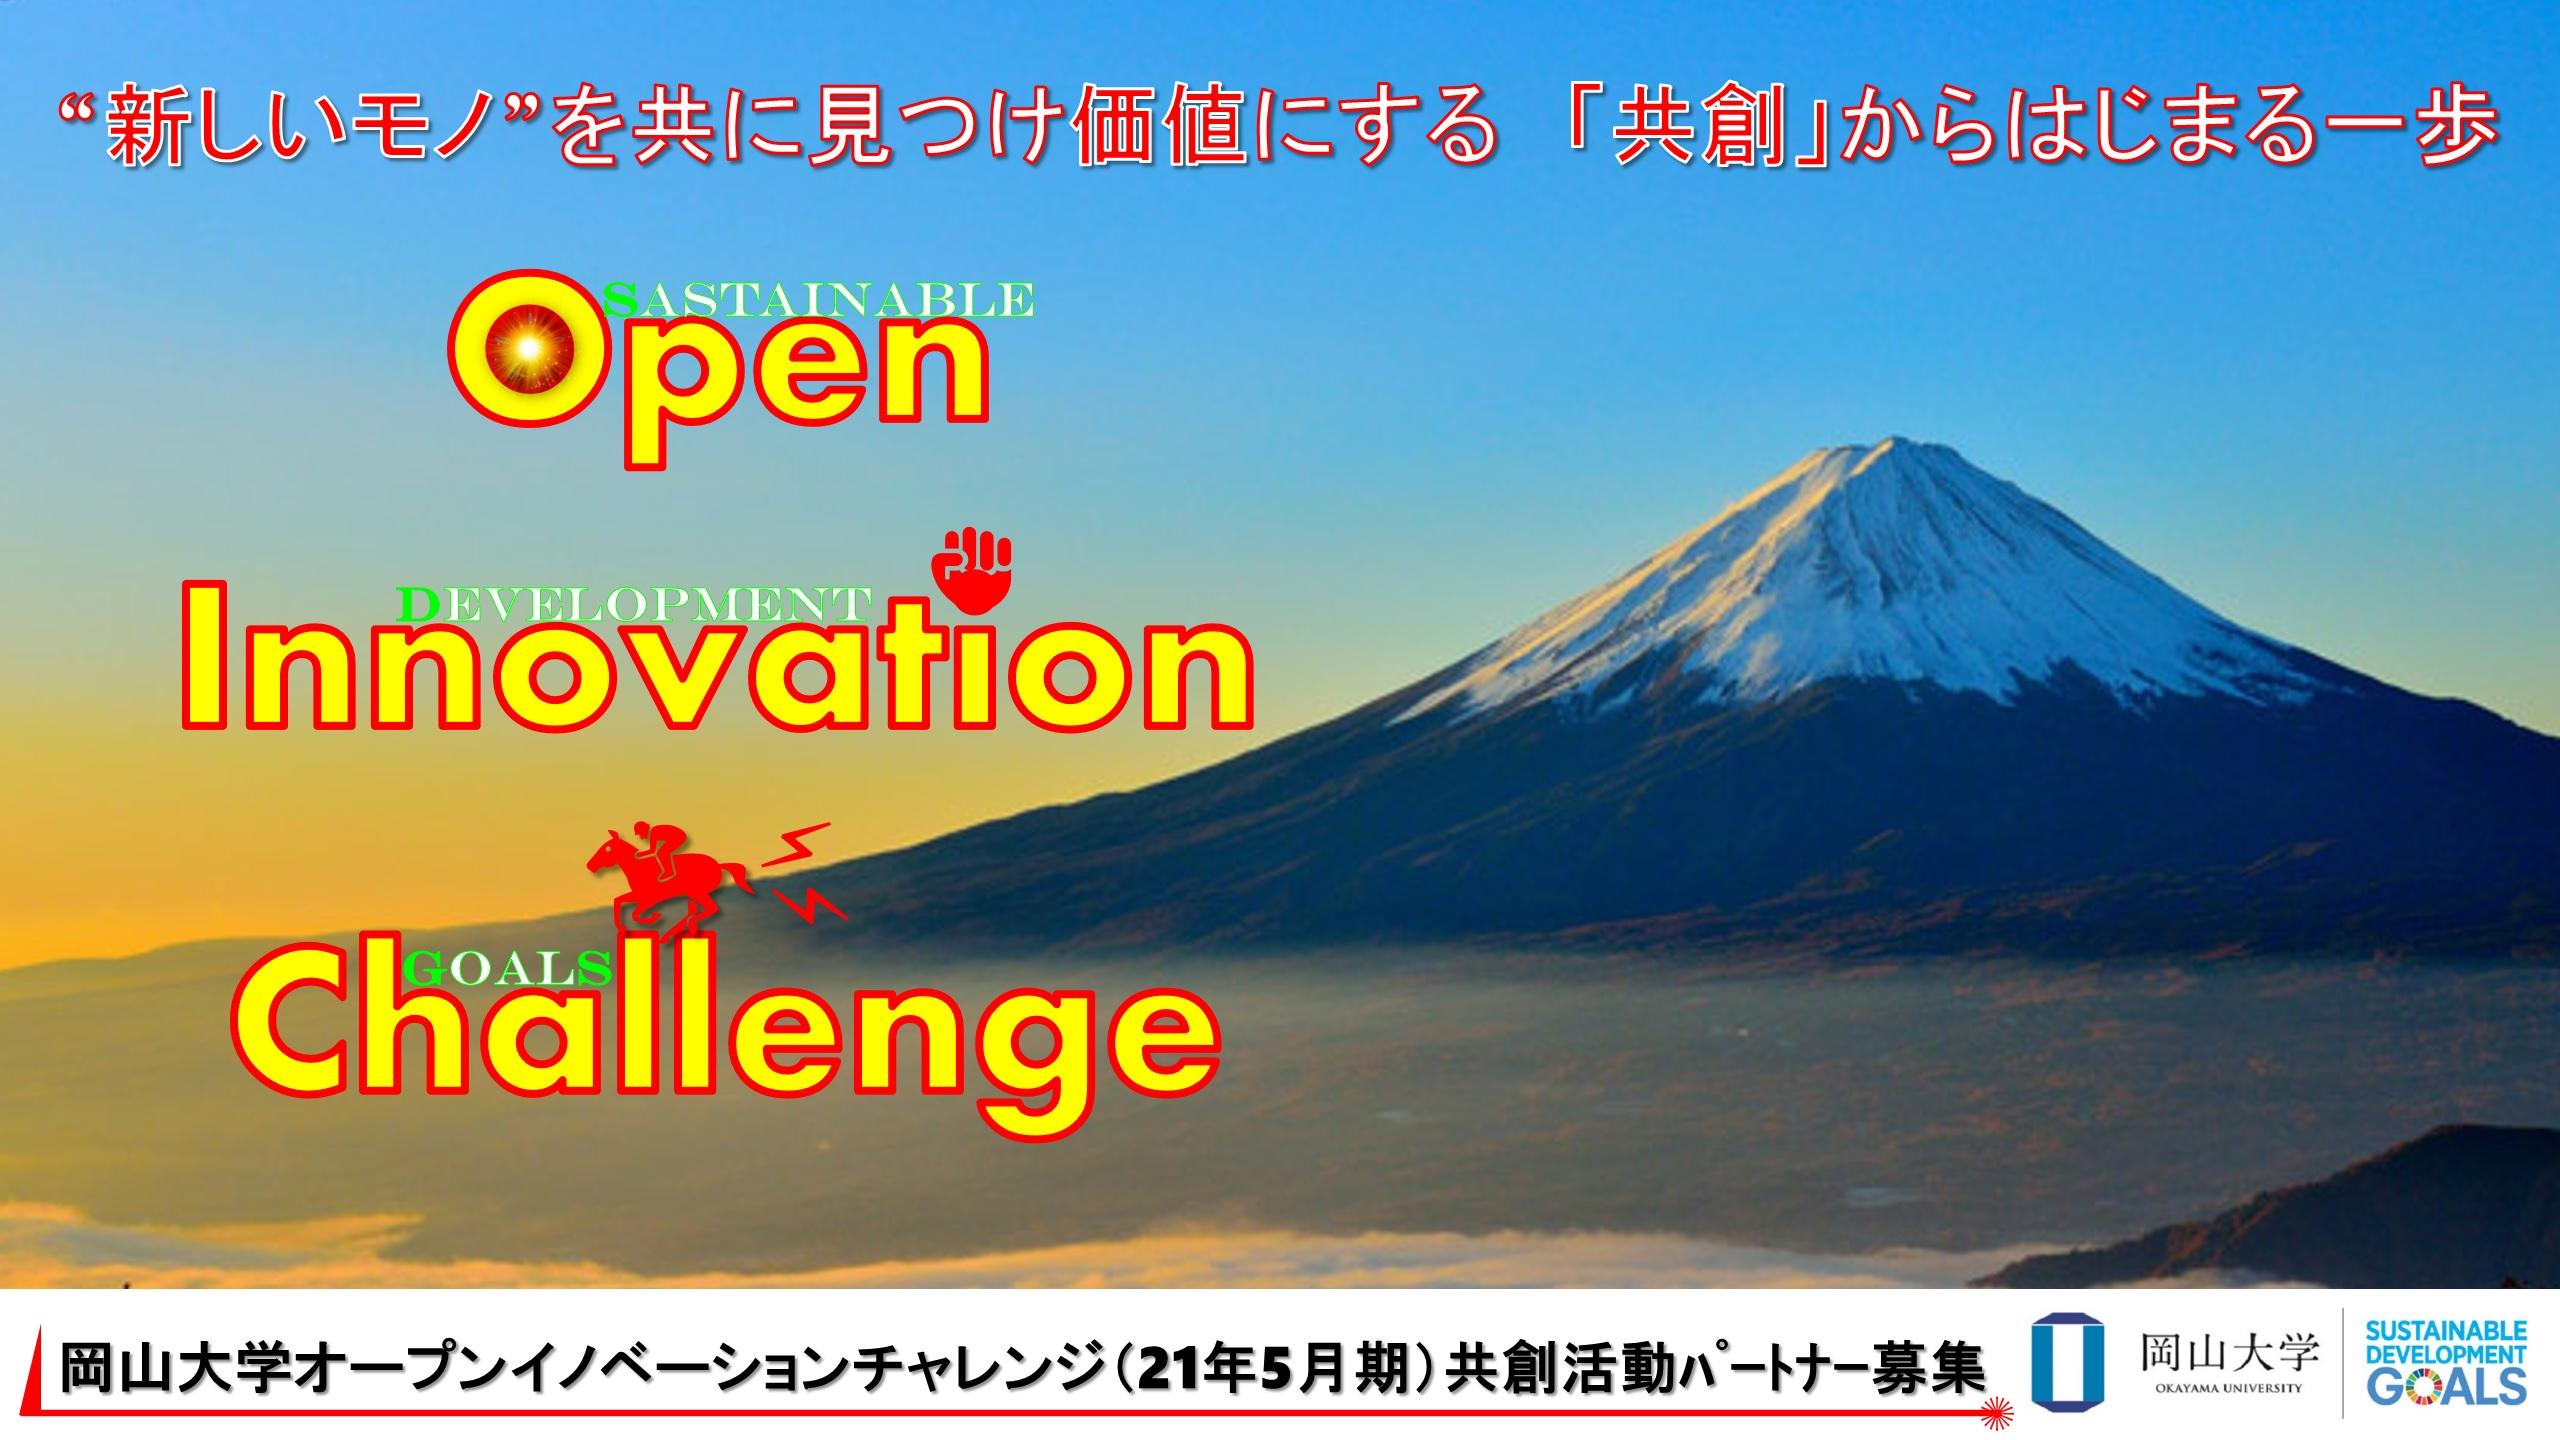 【岡山大学】産学共創活動「岡山大学オープンイノベーションチャレンジ」2021年5月期 共創活動パートナー募集開始